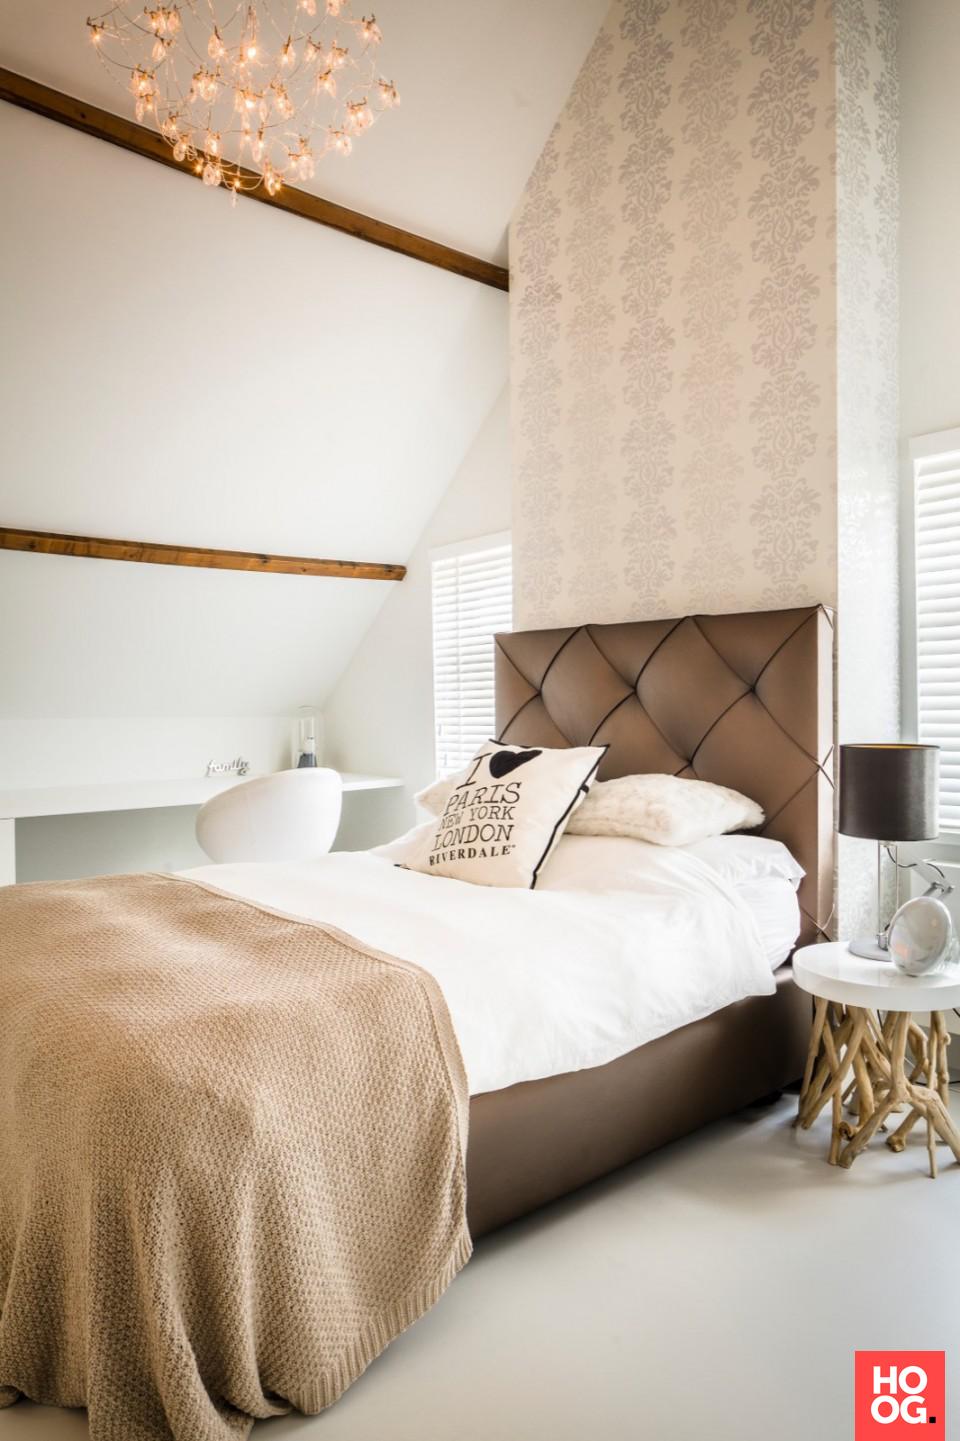 Luxe slaapkamer inrichting met bed | slaapkamer design | bedroom ...